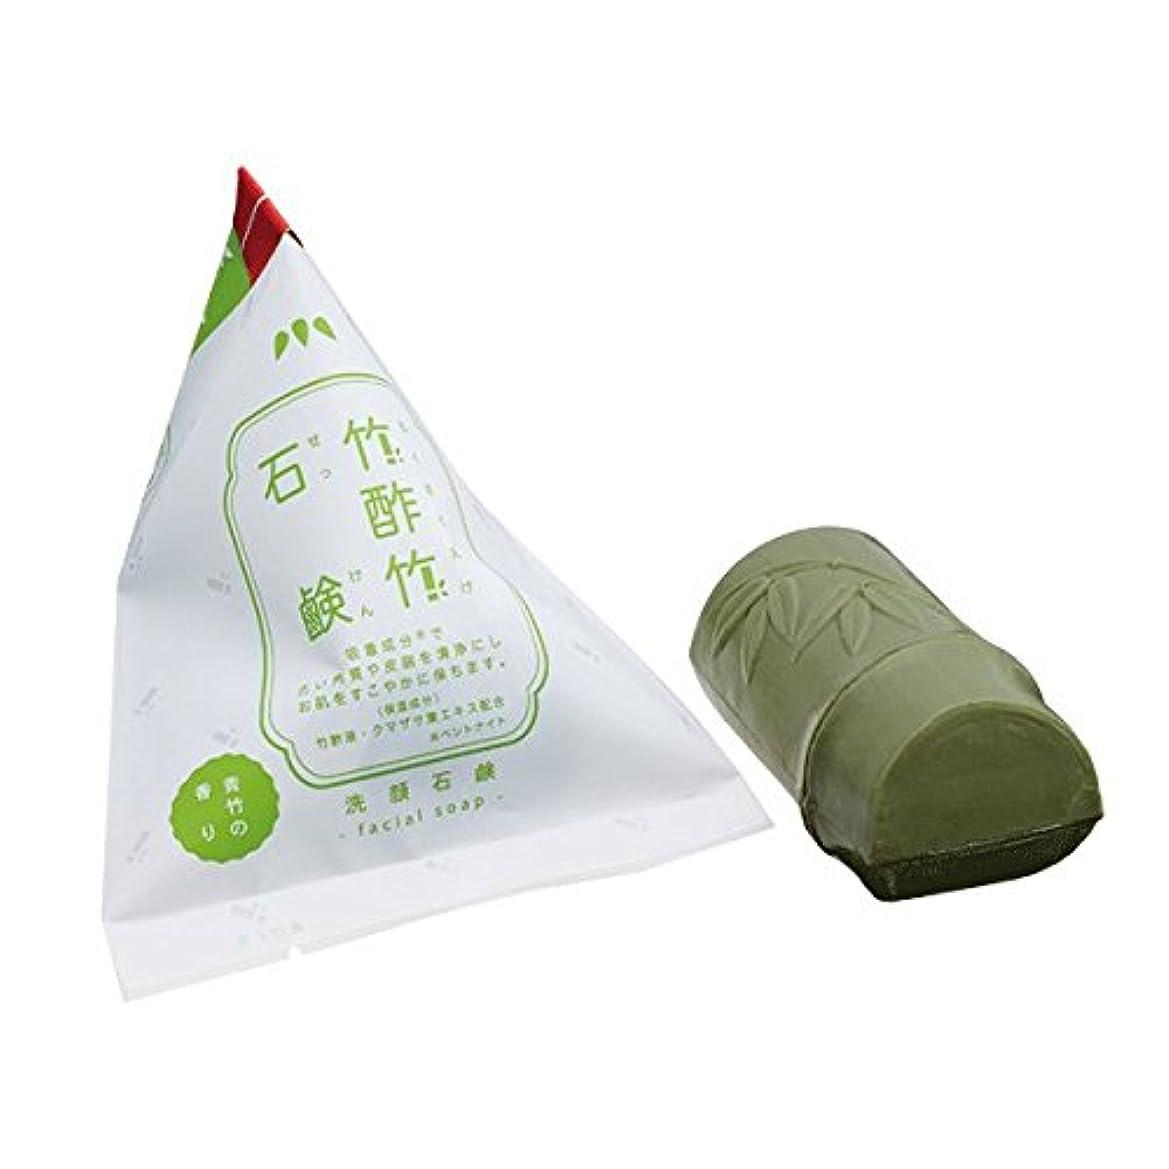 ブレースとティーム日常的にフェニックス 竹酢竹泥棒石鹸120g(5個セット)